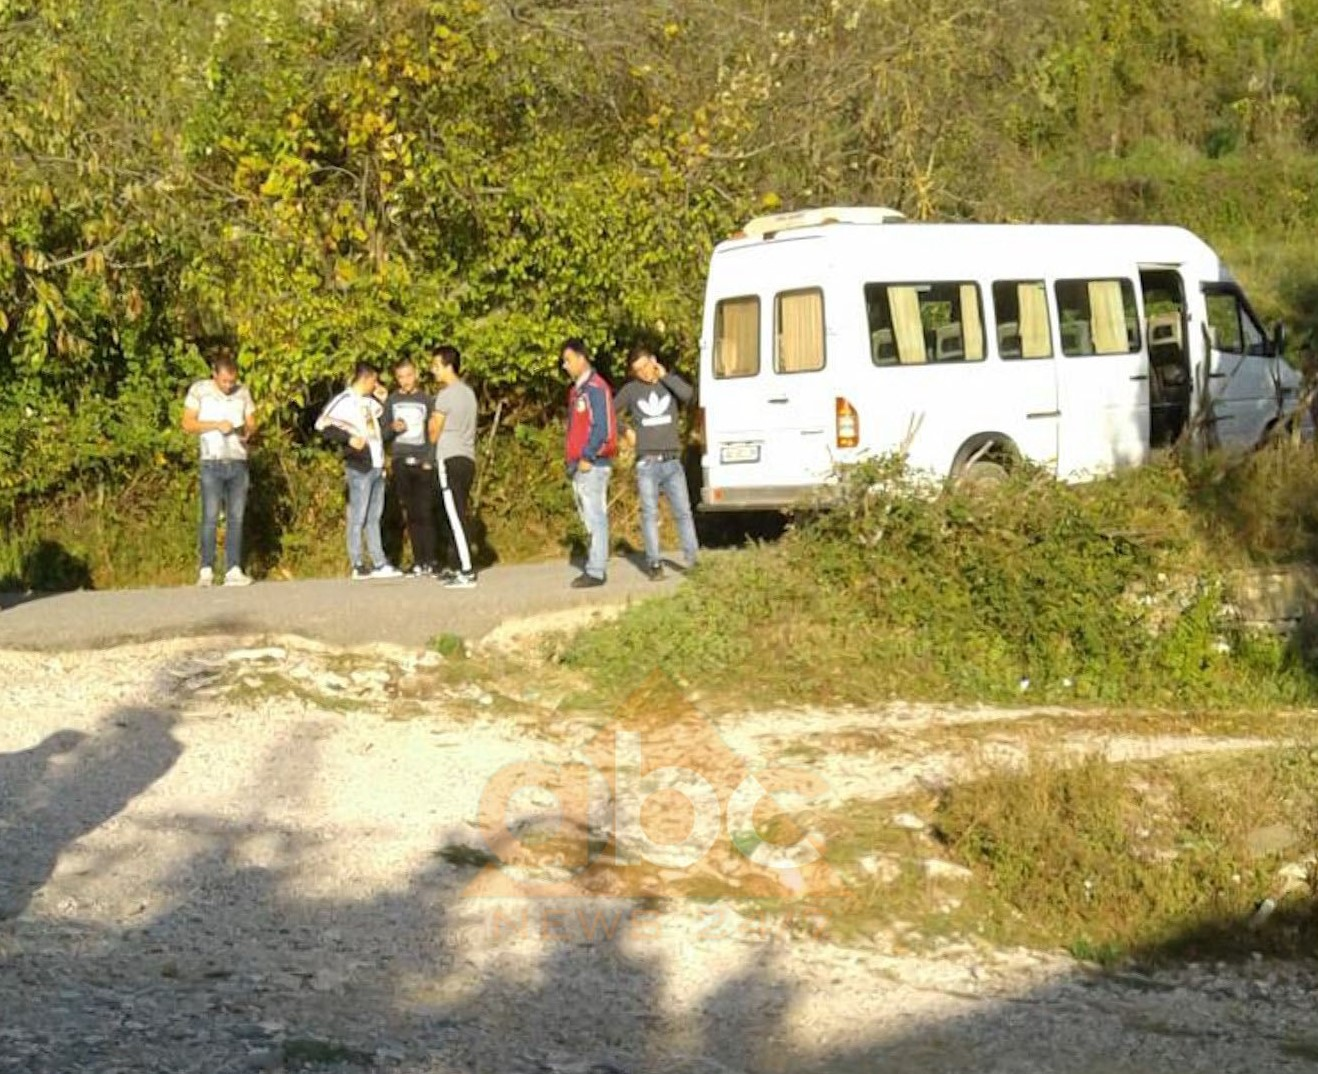 Elbasan, nxënësit nuk kanë transport, bllokojnë furgonin e mësuesve